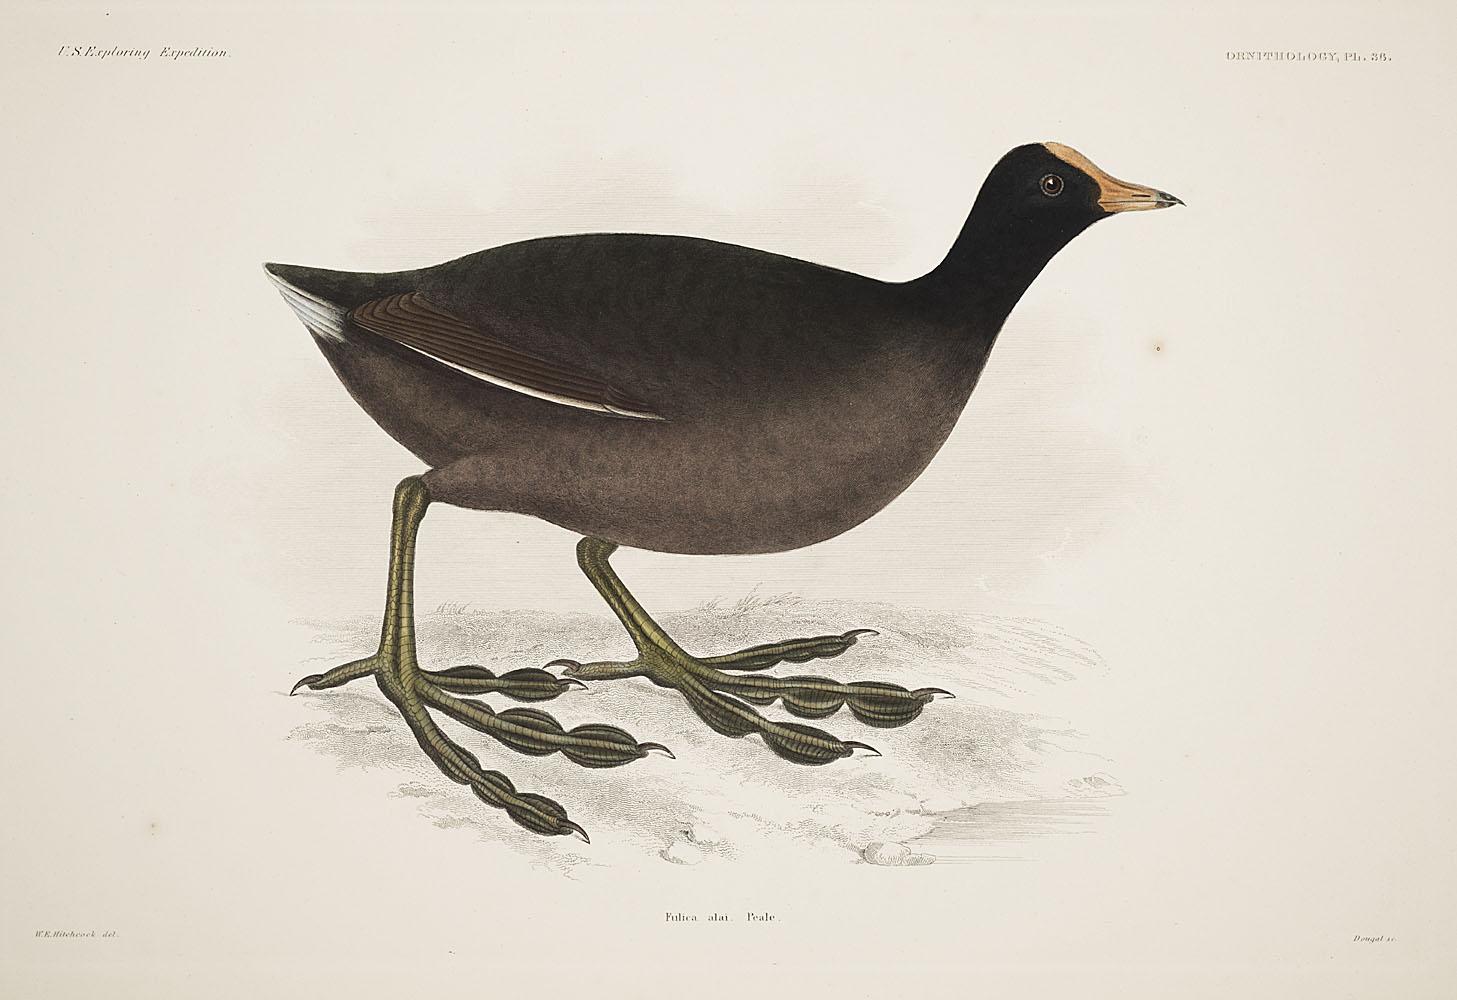 Ornithology, Pl. 36,  Image number:sil19-12-103b